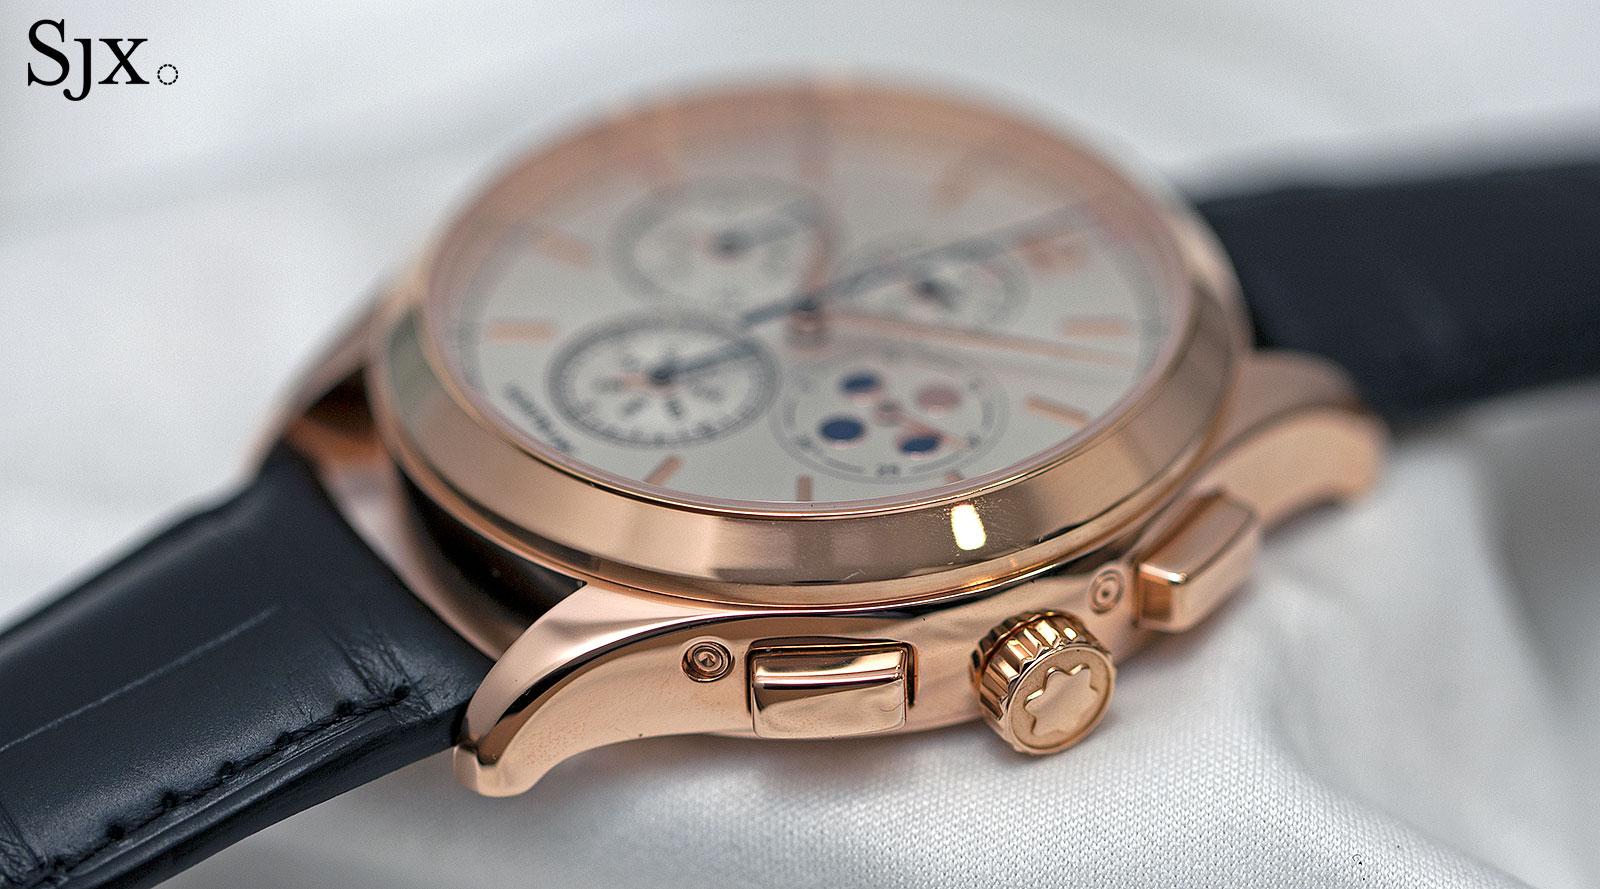 Montblanc Heritage Chronométrie Chronograph Quantième Annuel rose gold side